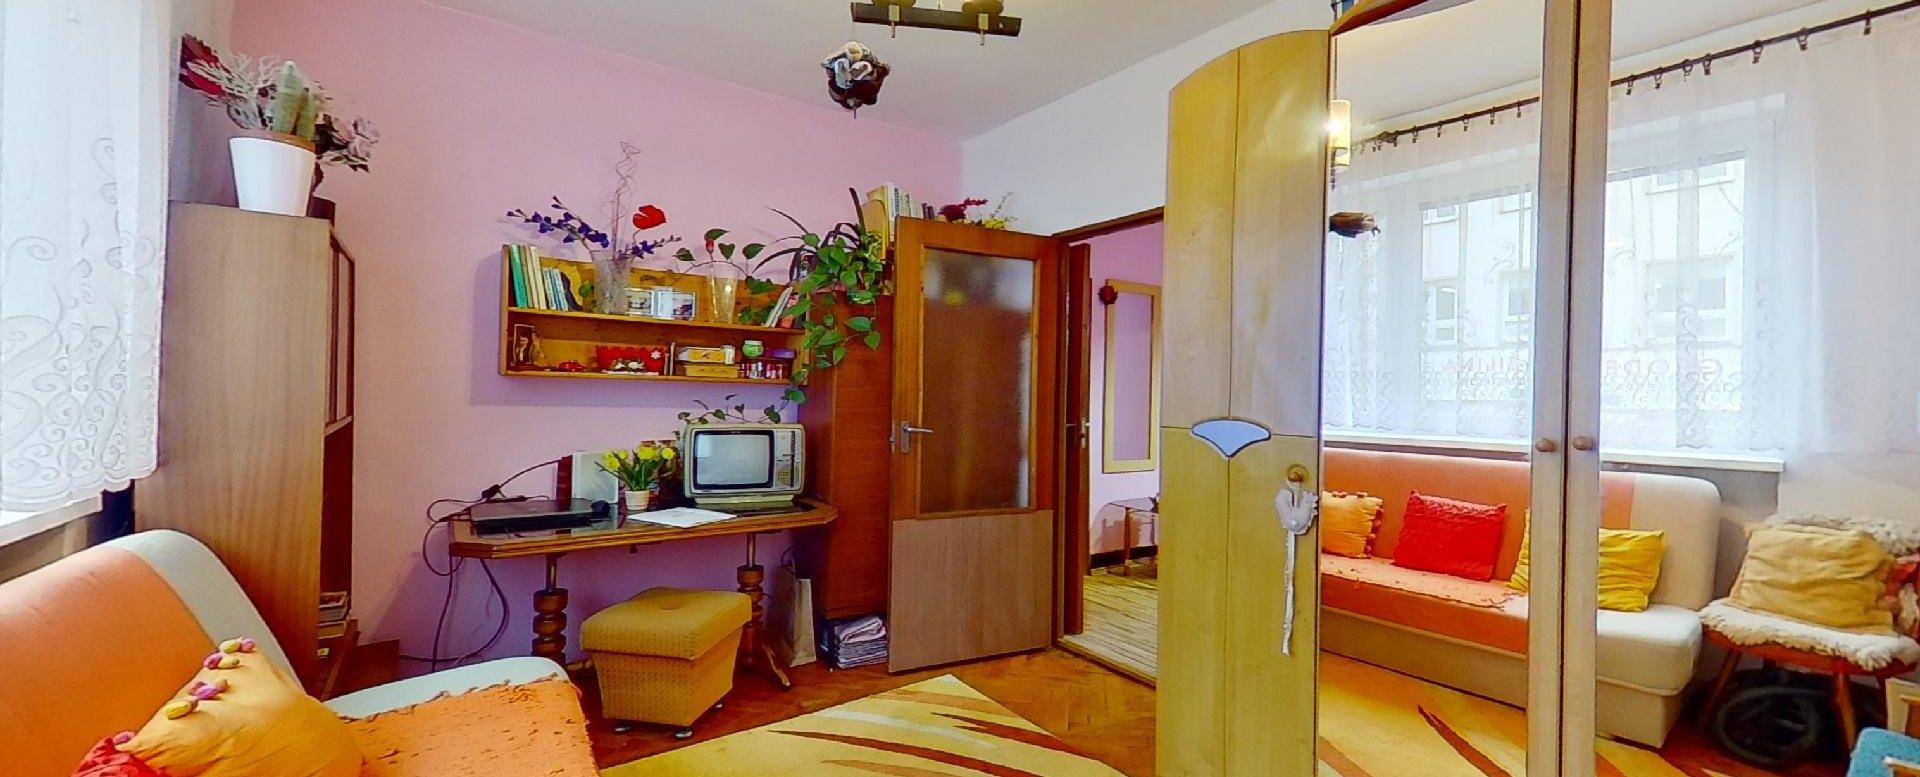 izba so kriňou